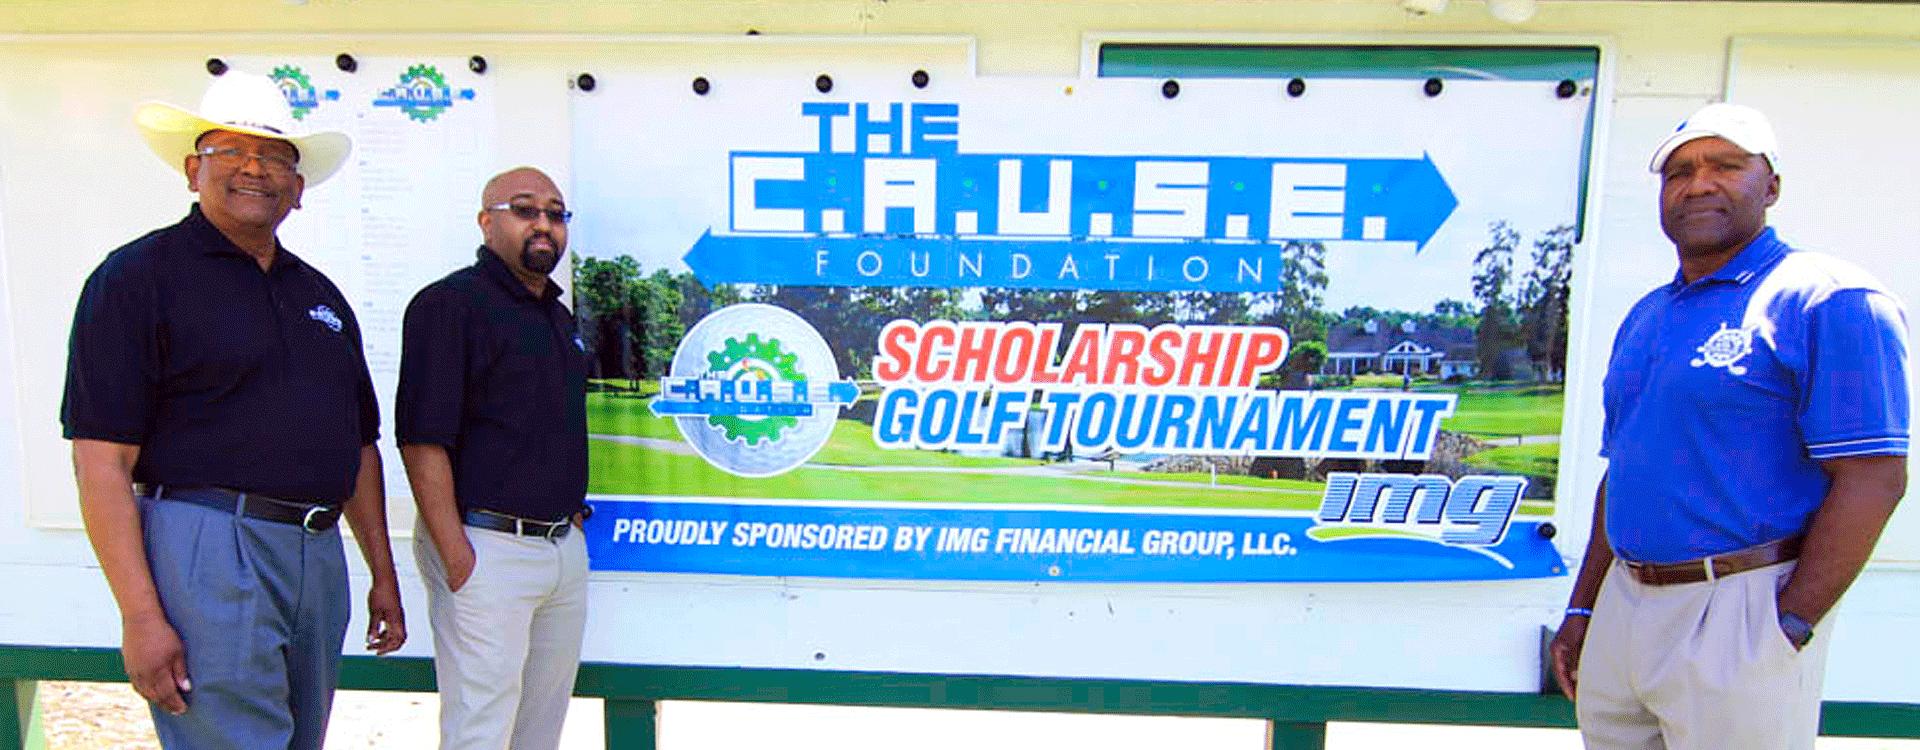 golftournamentbackground